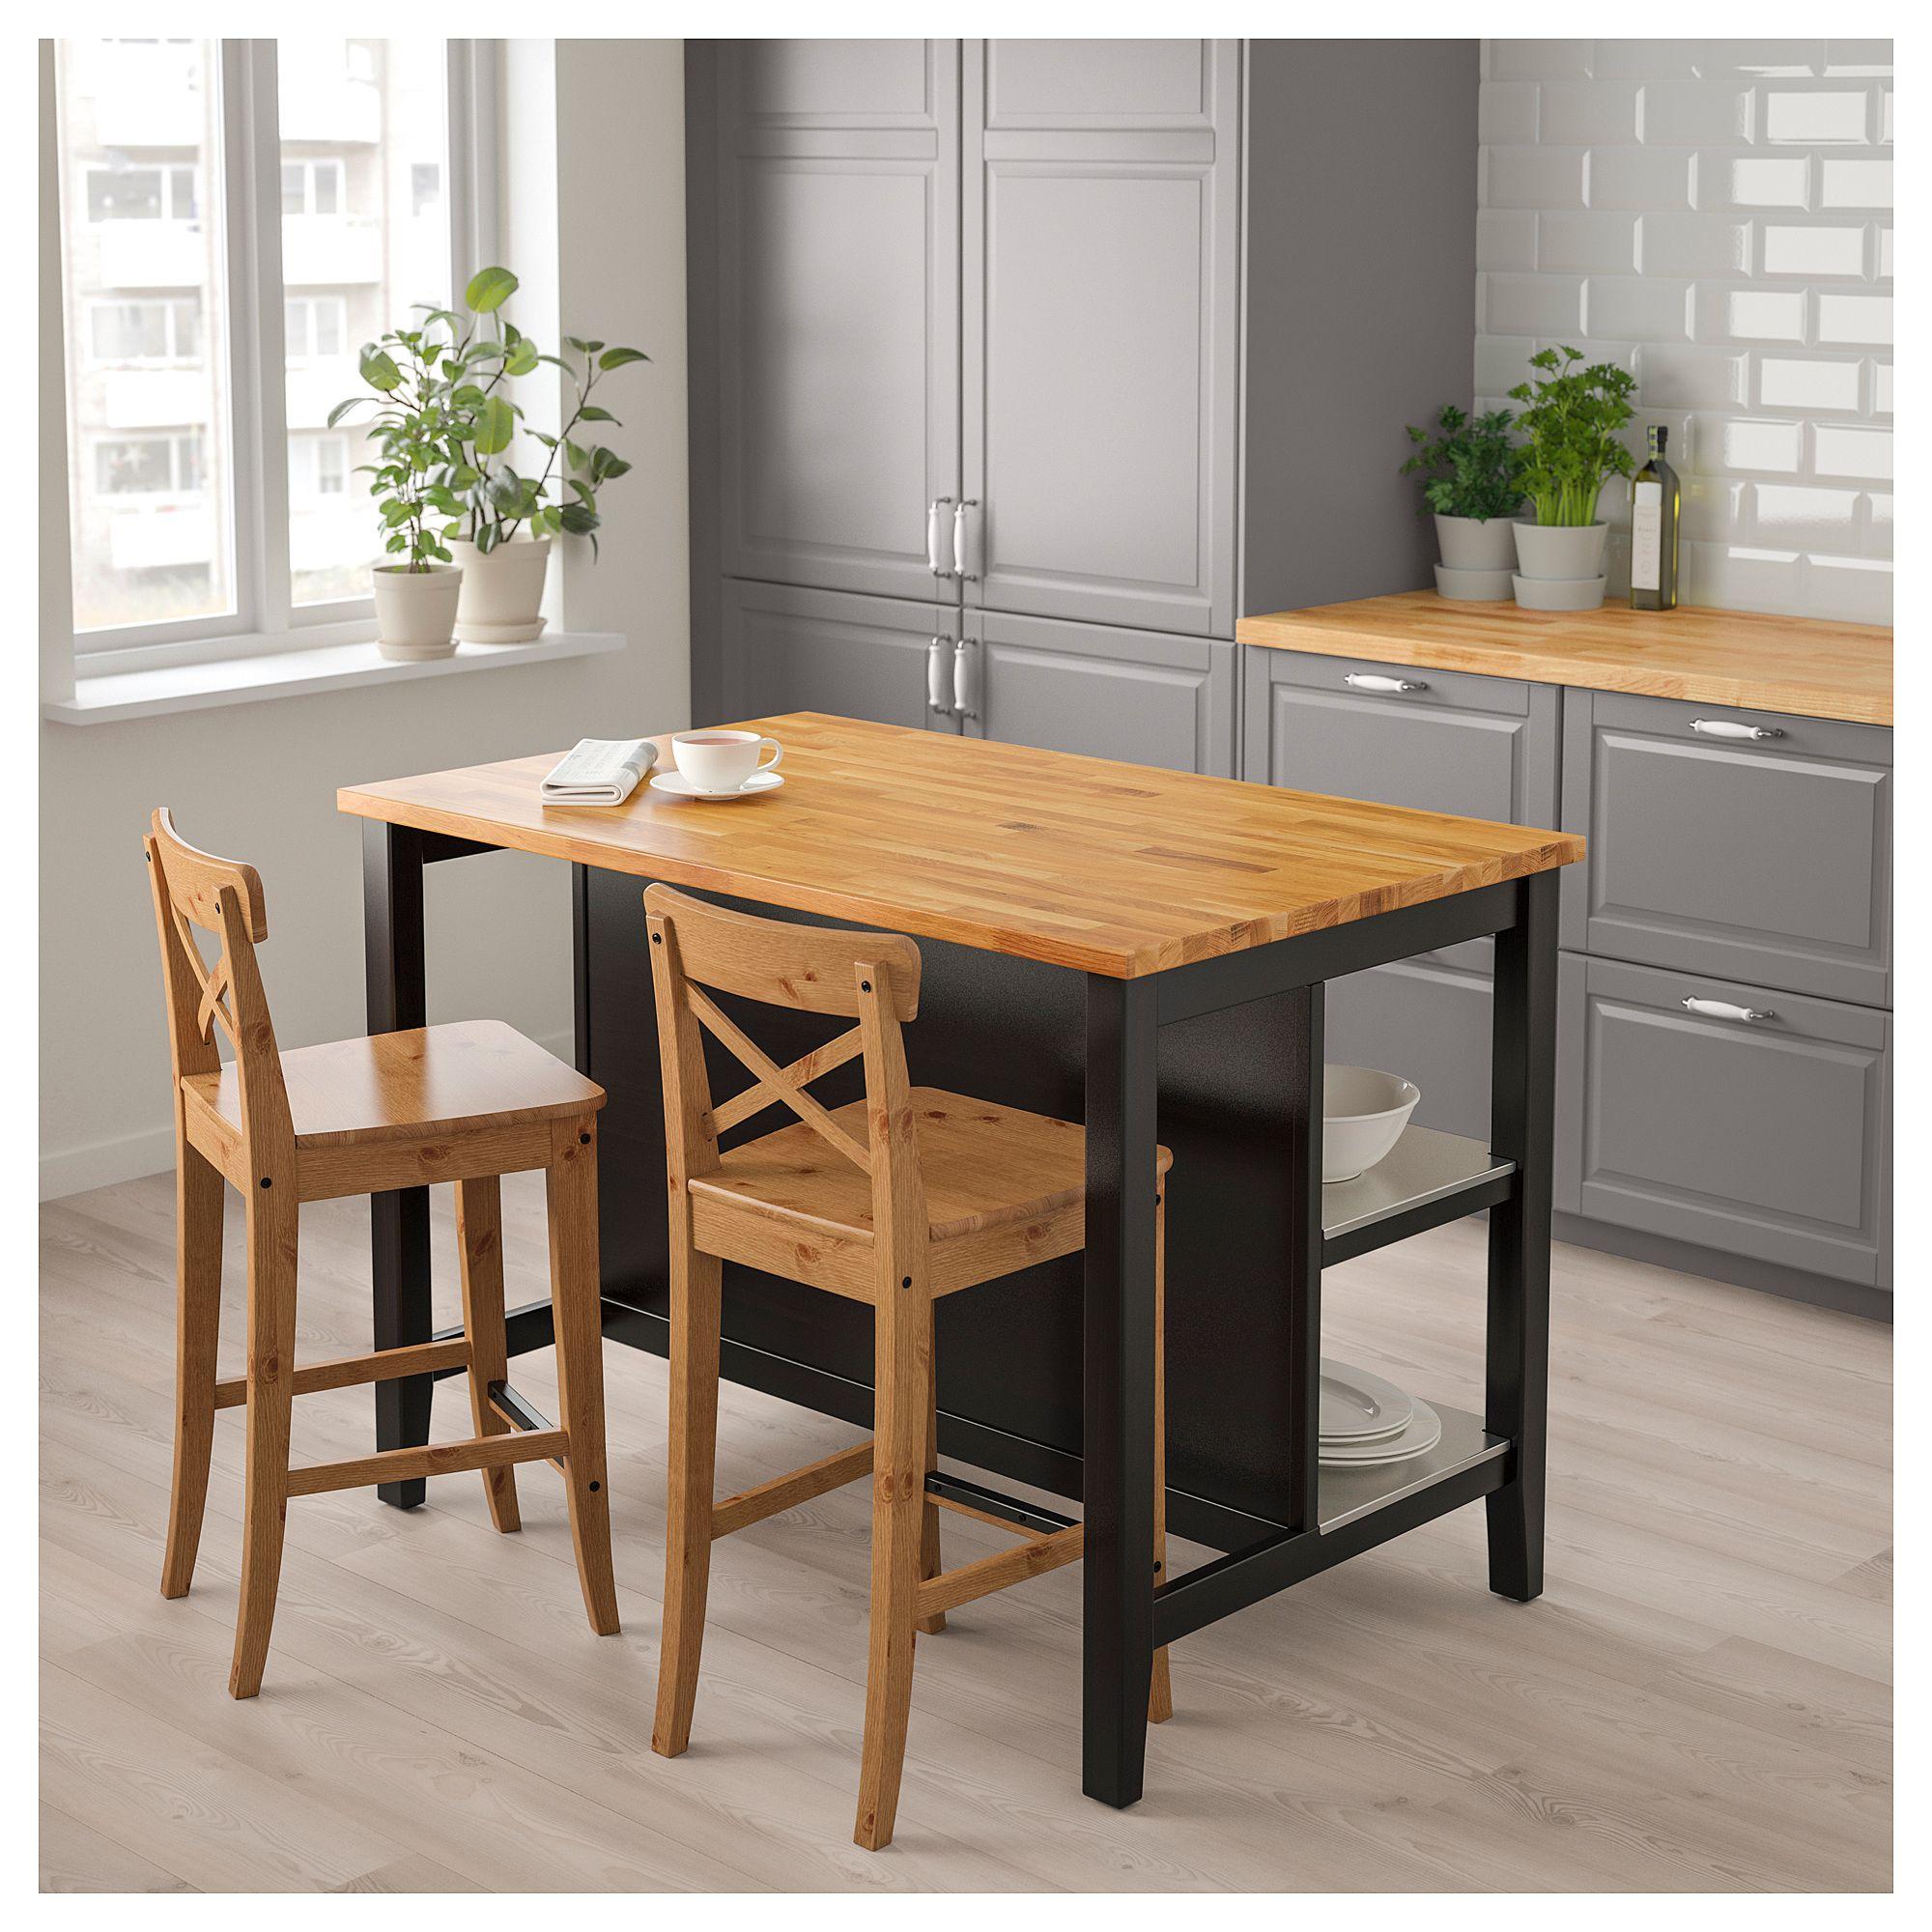 ikea kitchen island canada cabinets in stock stenstorp black brown oak